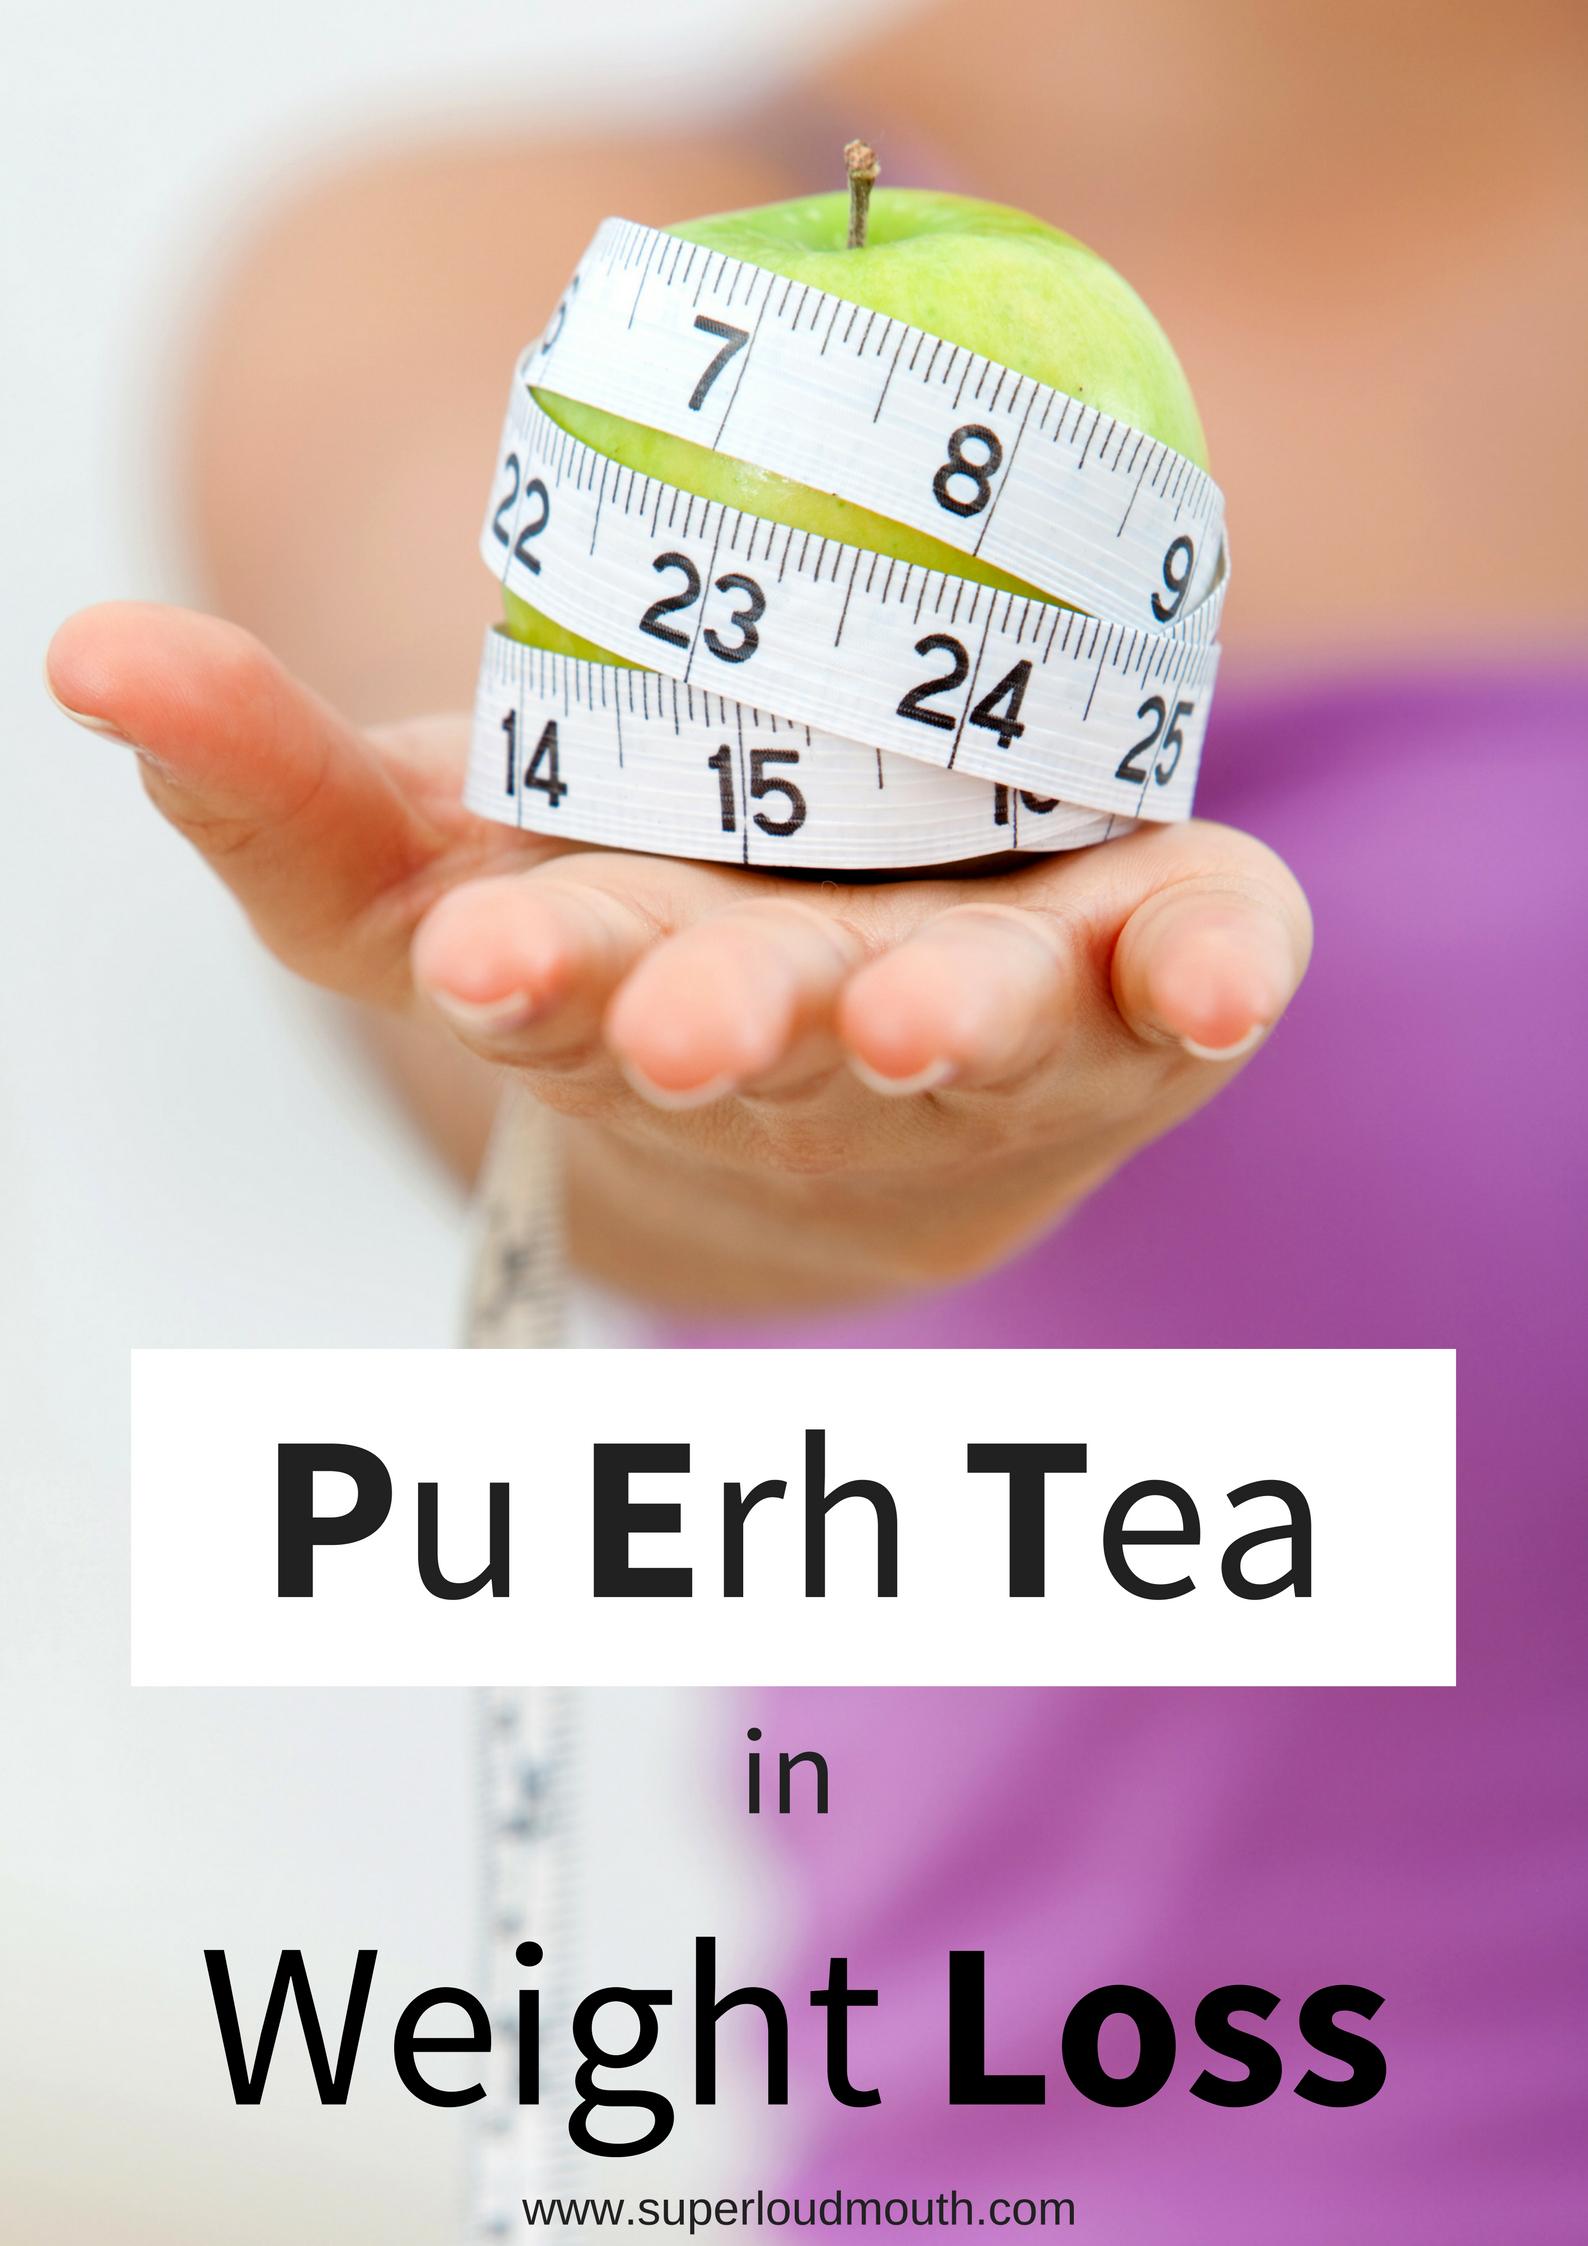 Pu erh Tea in weight loss